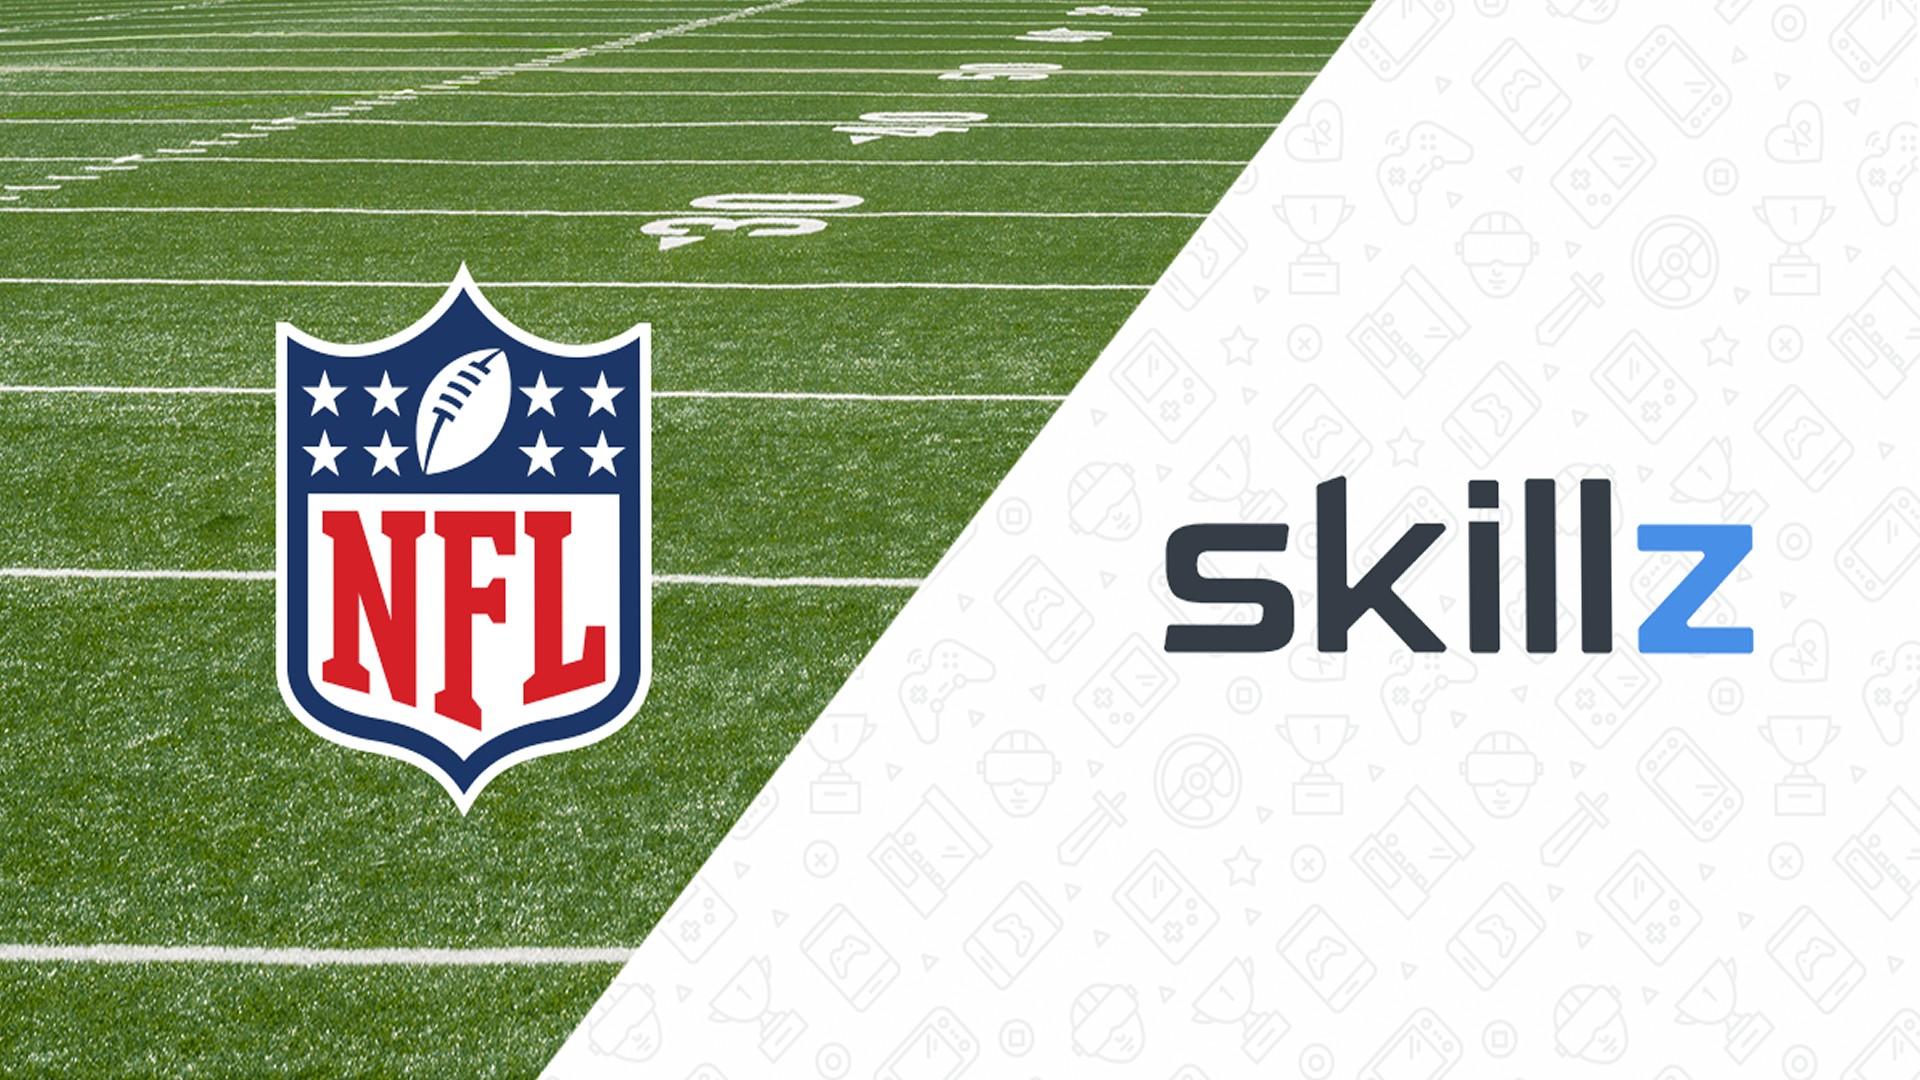 NFL x Skillz